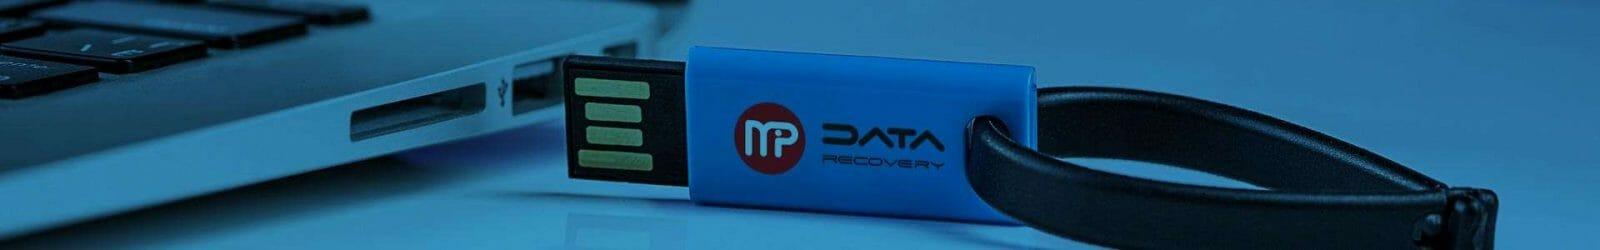 flash Odzyskiwanie danych z pendrive cennik odzyskiwanie danych z pendrive cennik Odzyskiwanie danych z pendrive cennik flash